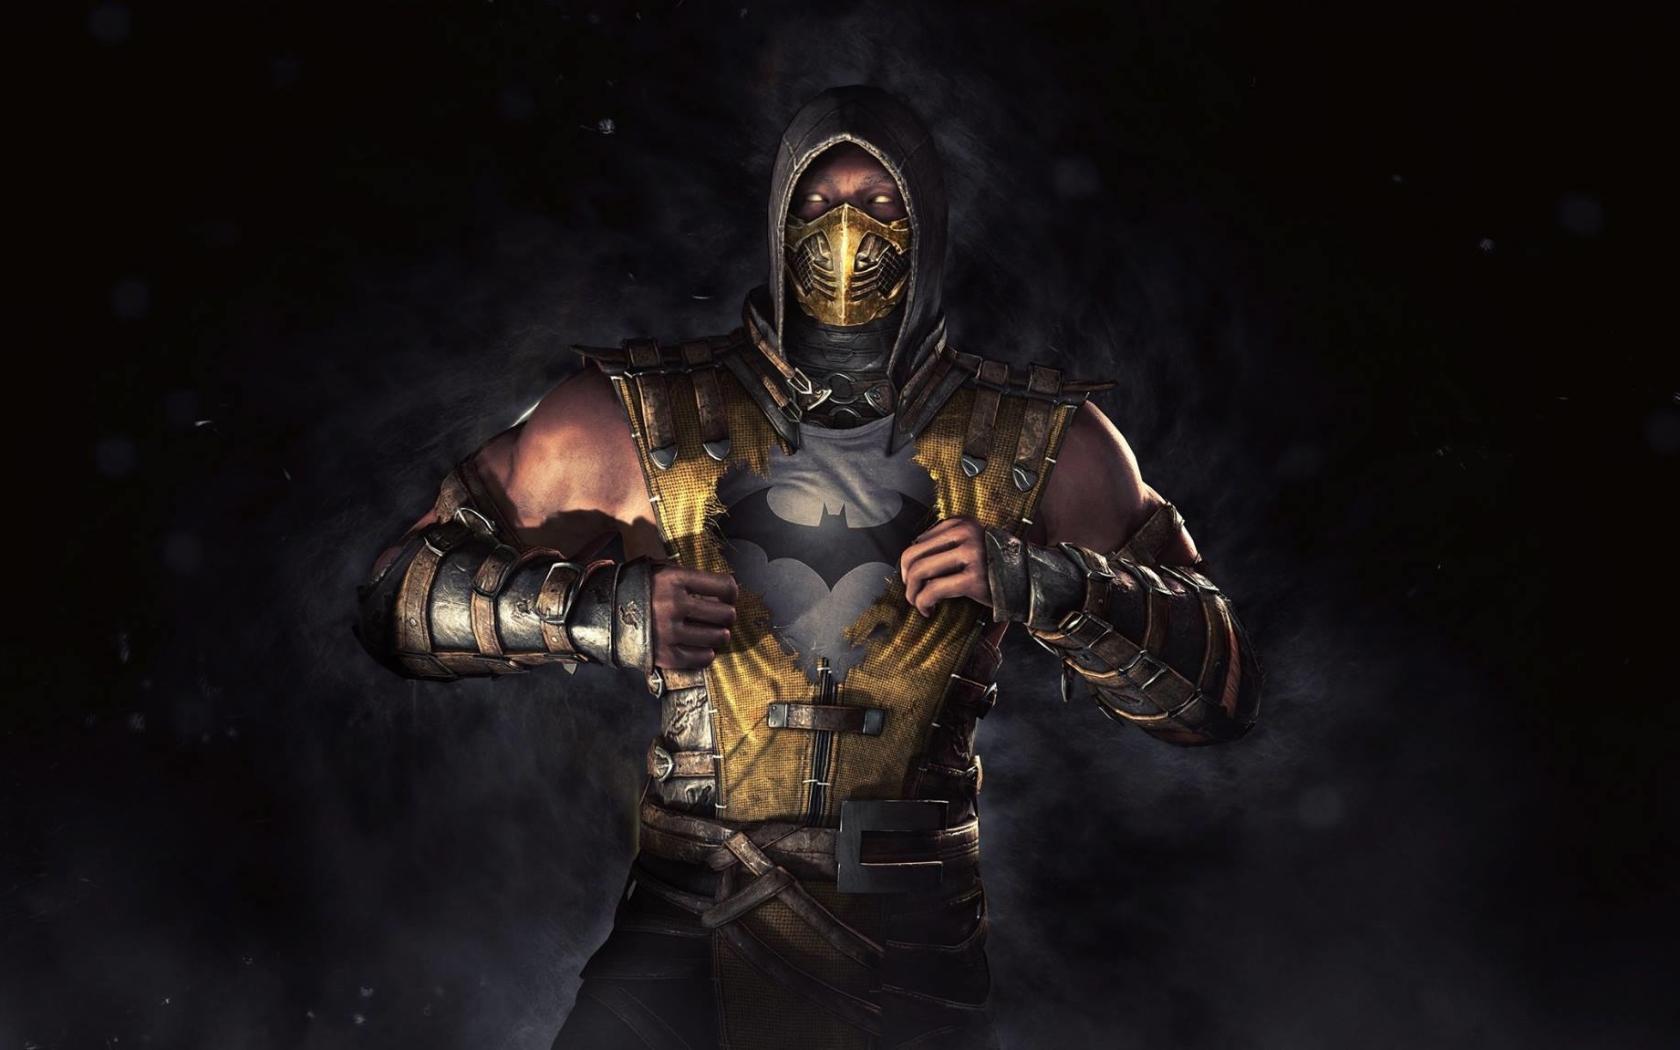 1680x1050 Batman Scorpion Mortal Kombat 1680x1050 Resolution